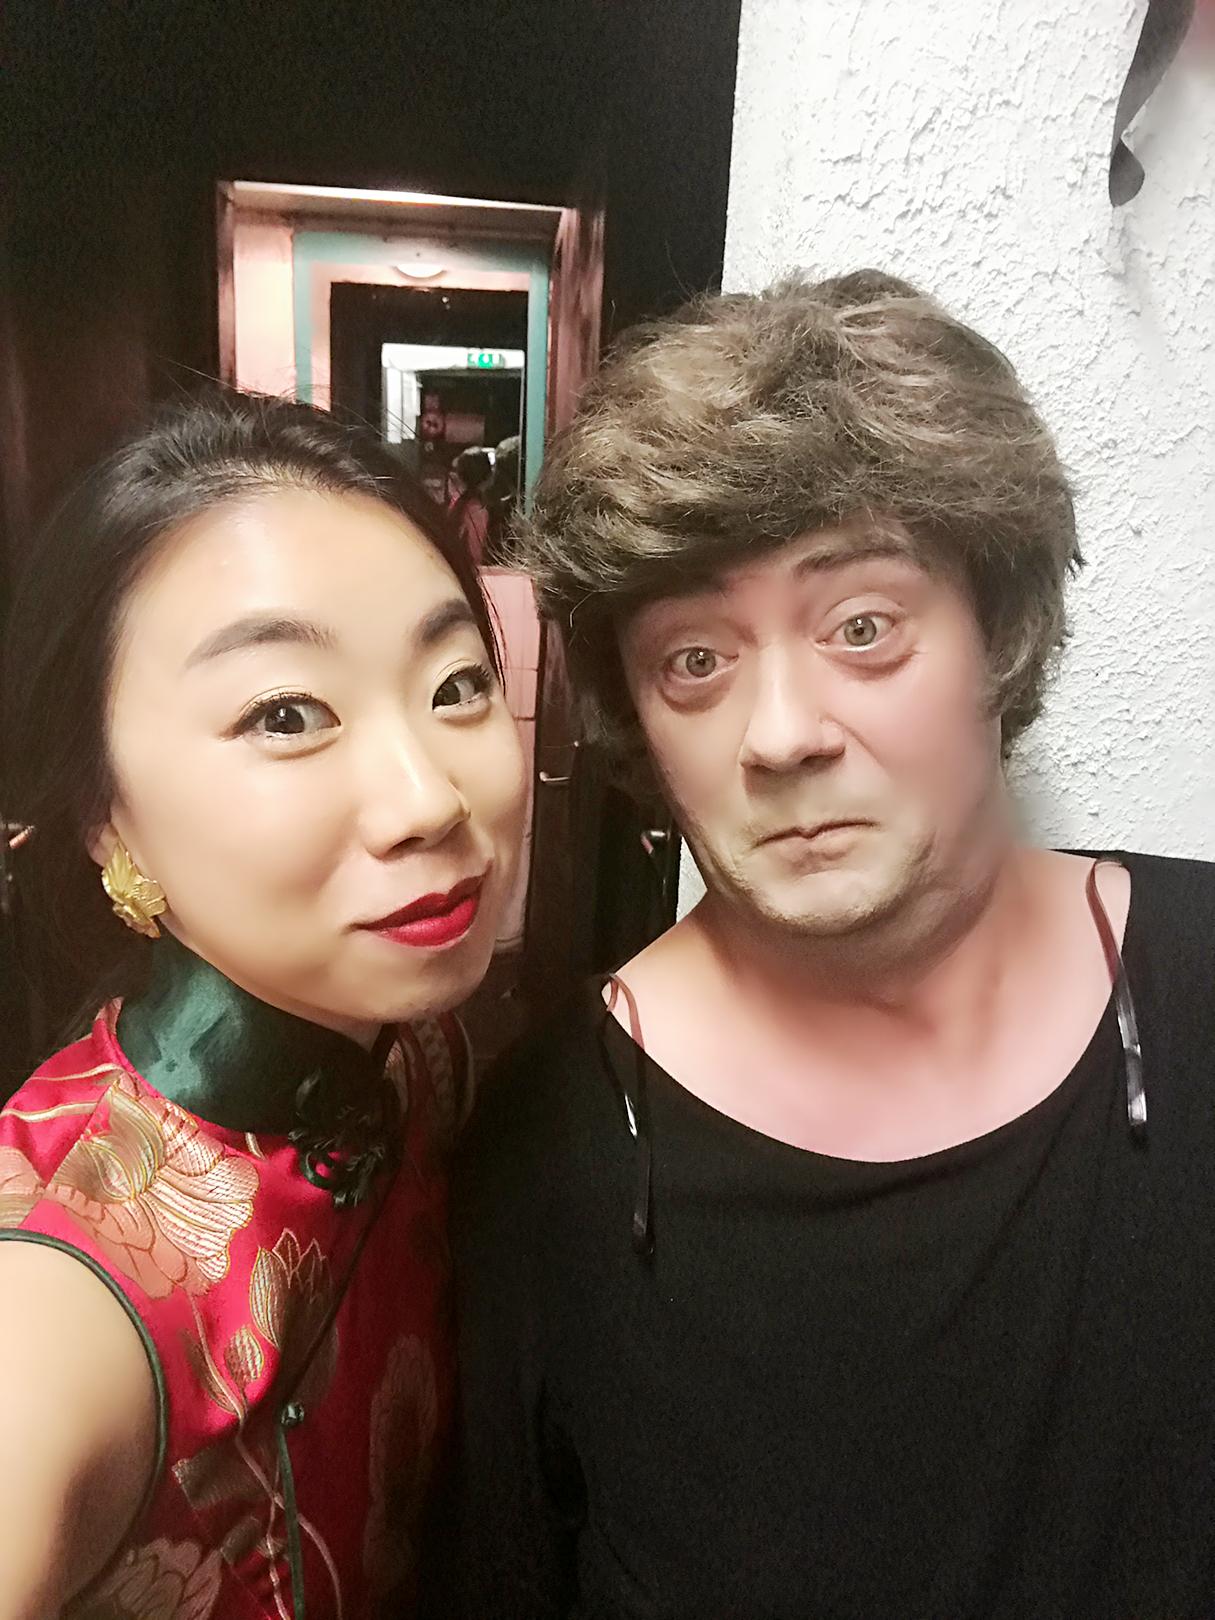 带妆来看剧的其它剧目演员与李昱翰女士